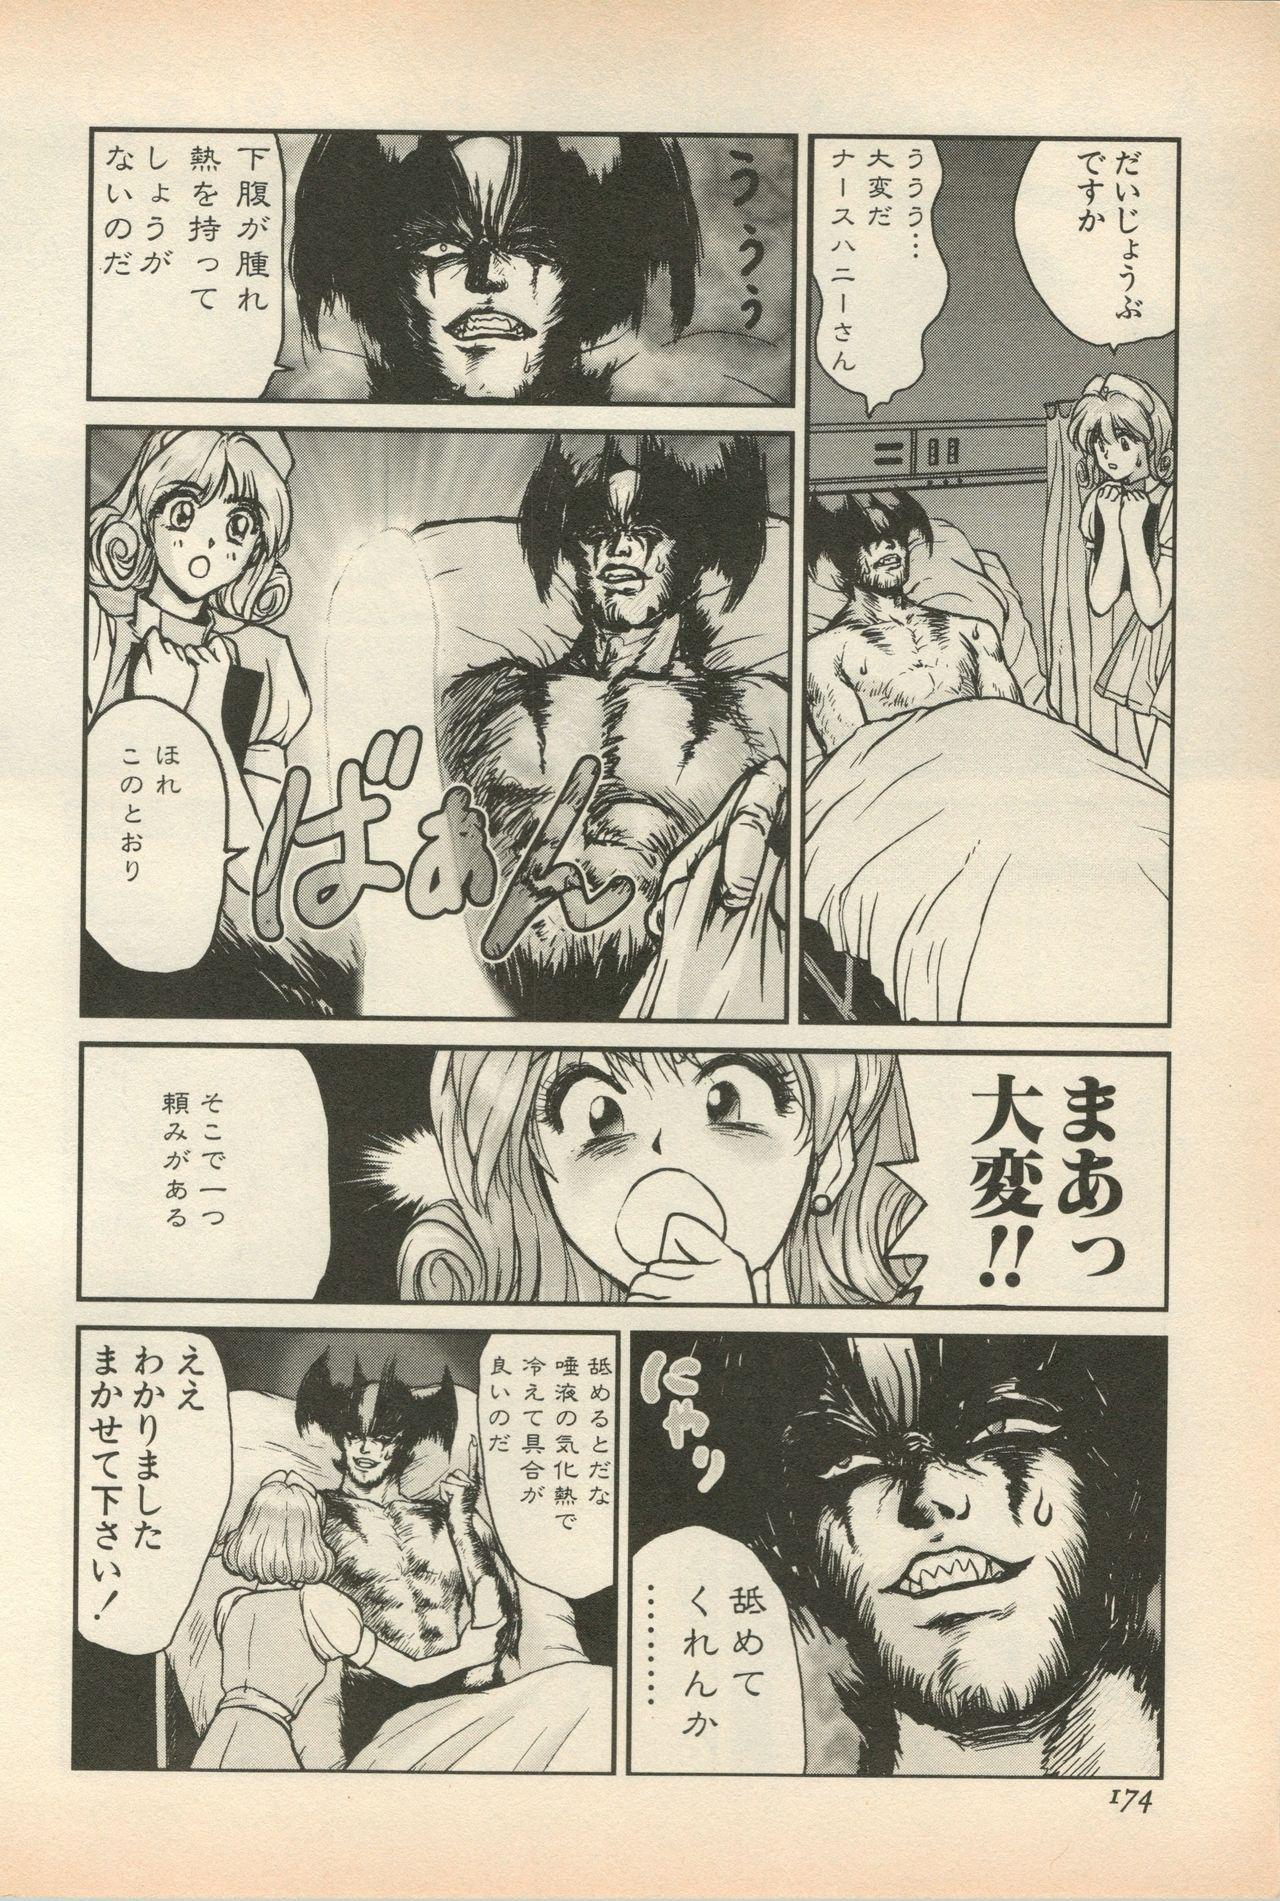 Shin Bishoujo Shoukougun 5 Fukkatsu hen 176